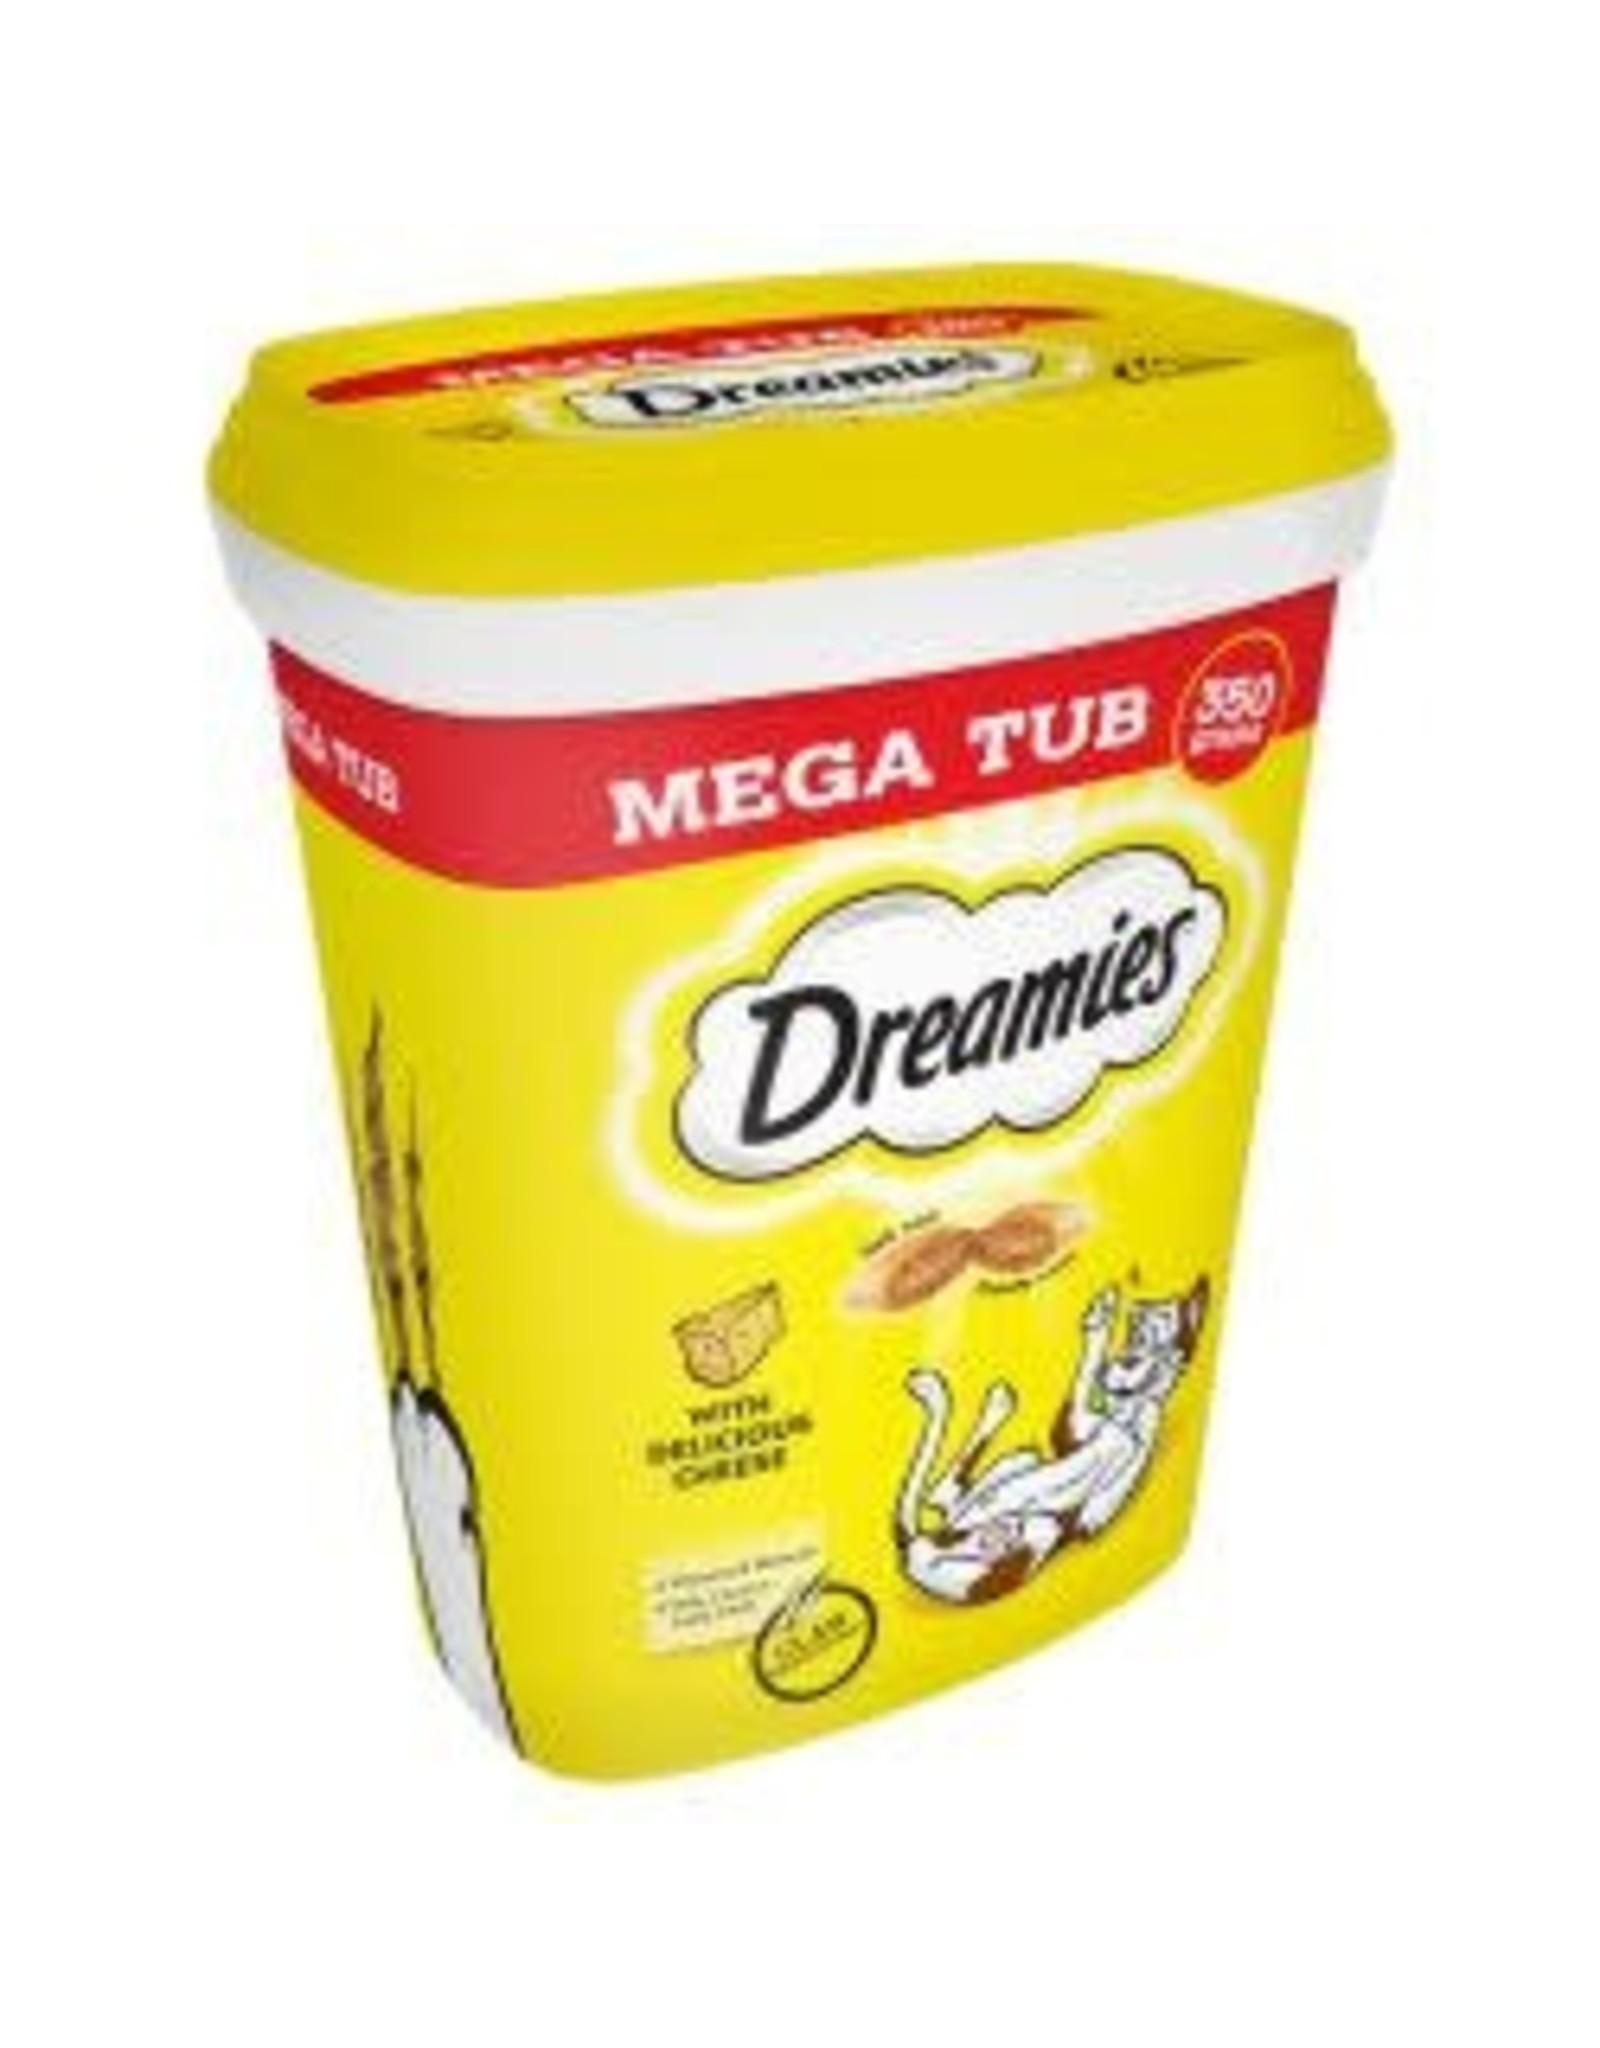 Dreamies Dreamies MEGA Tub 350g